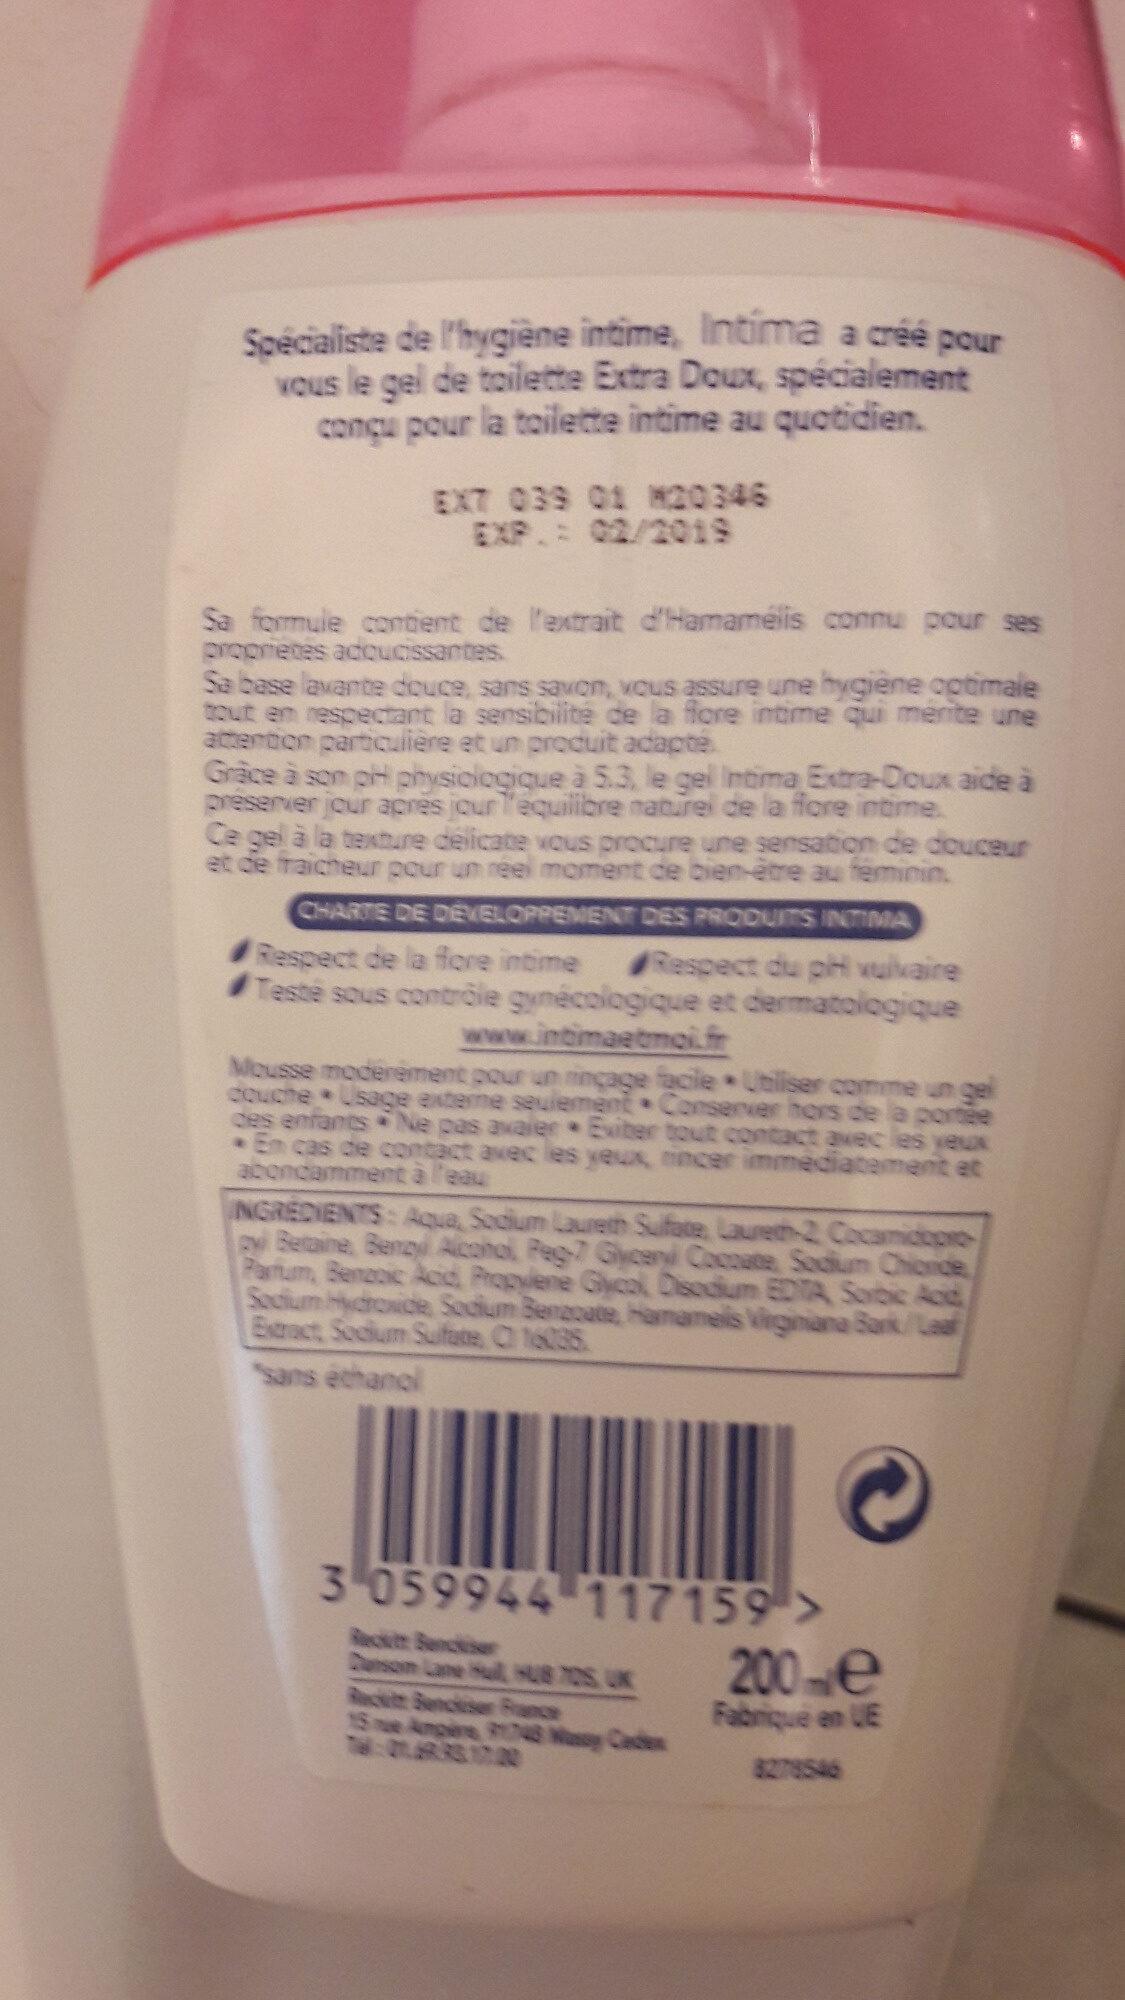 Gel Extra Doux de Toilette Intime à l'extrait d'hamamélis - Product - fr